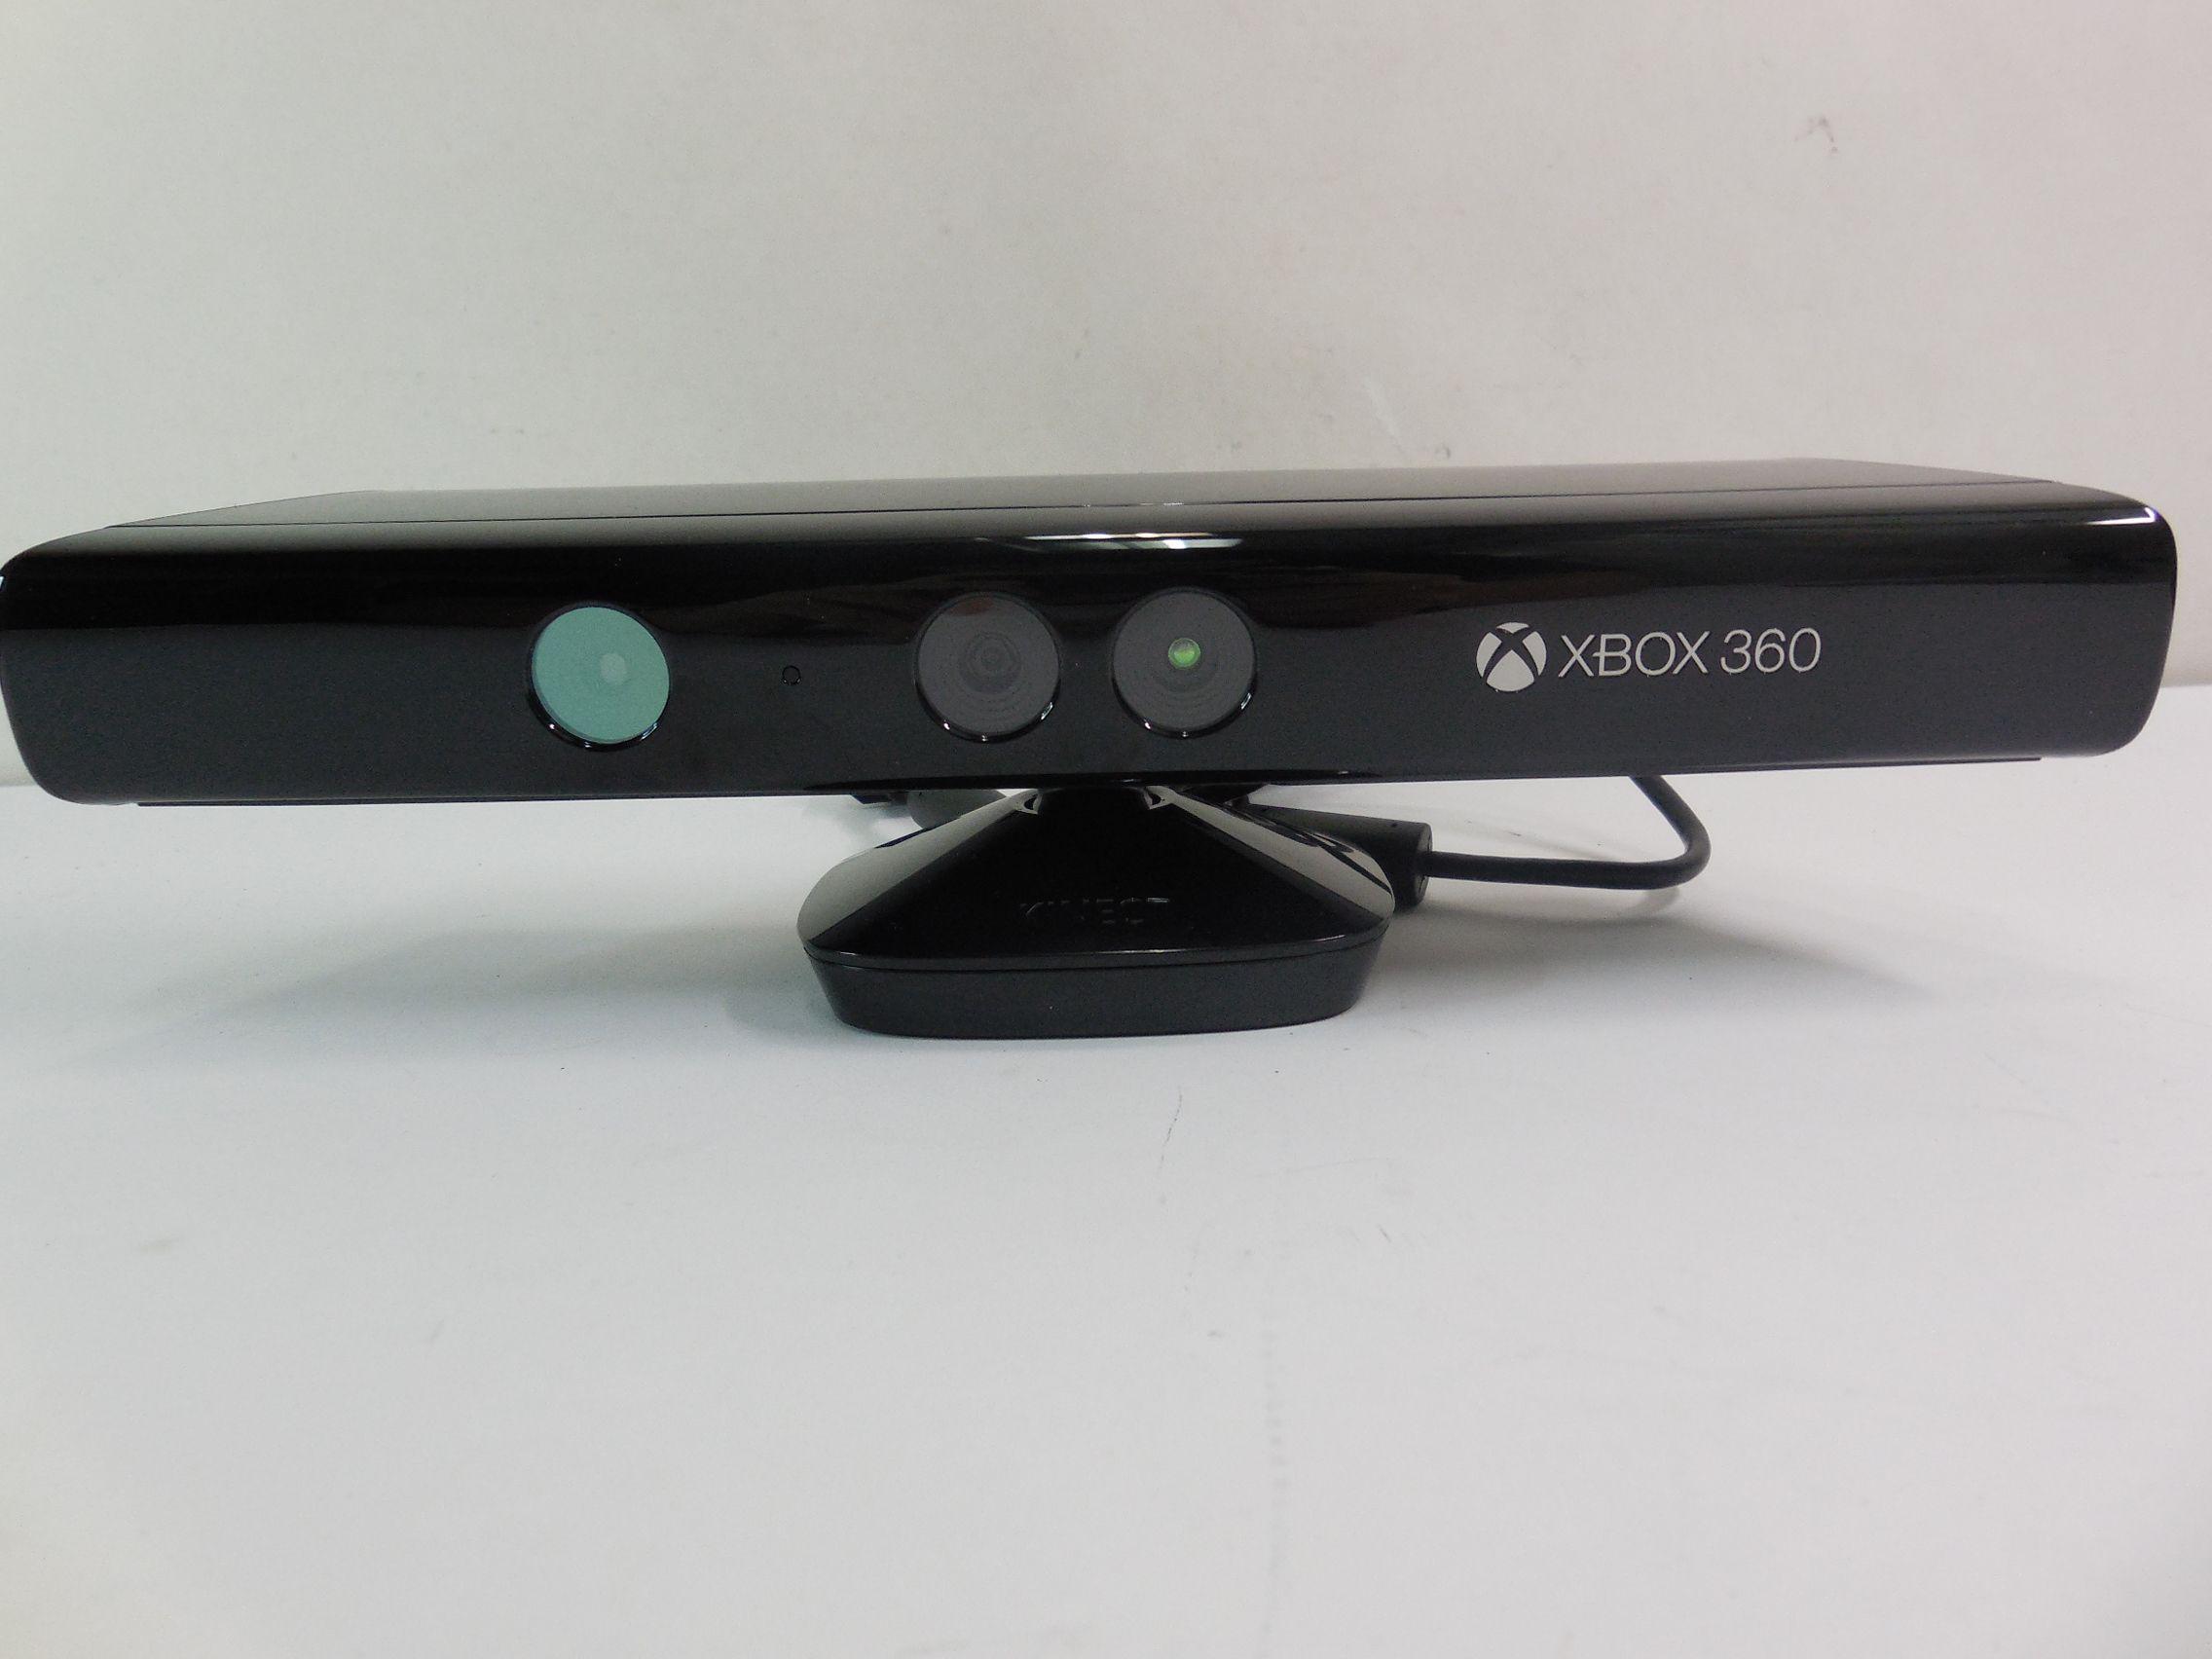 Сенсор Kinect отслеживает ваши руки в реальном времени и с сумасшедшим разрешением